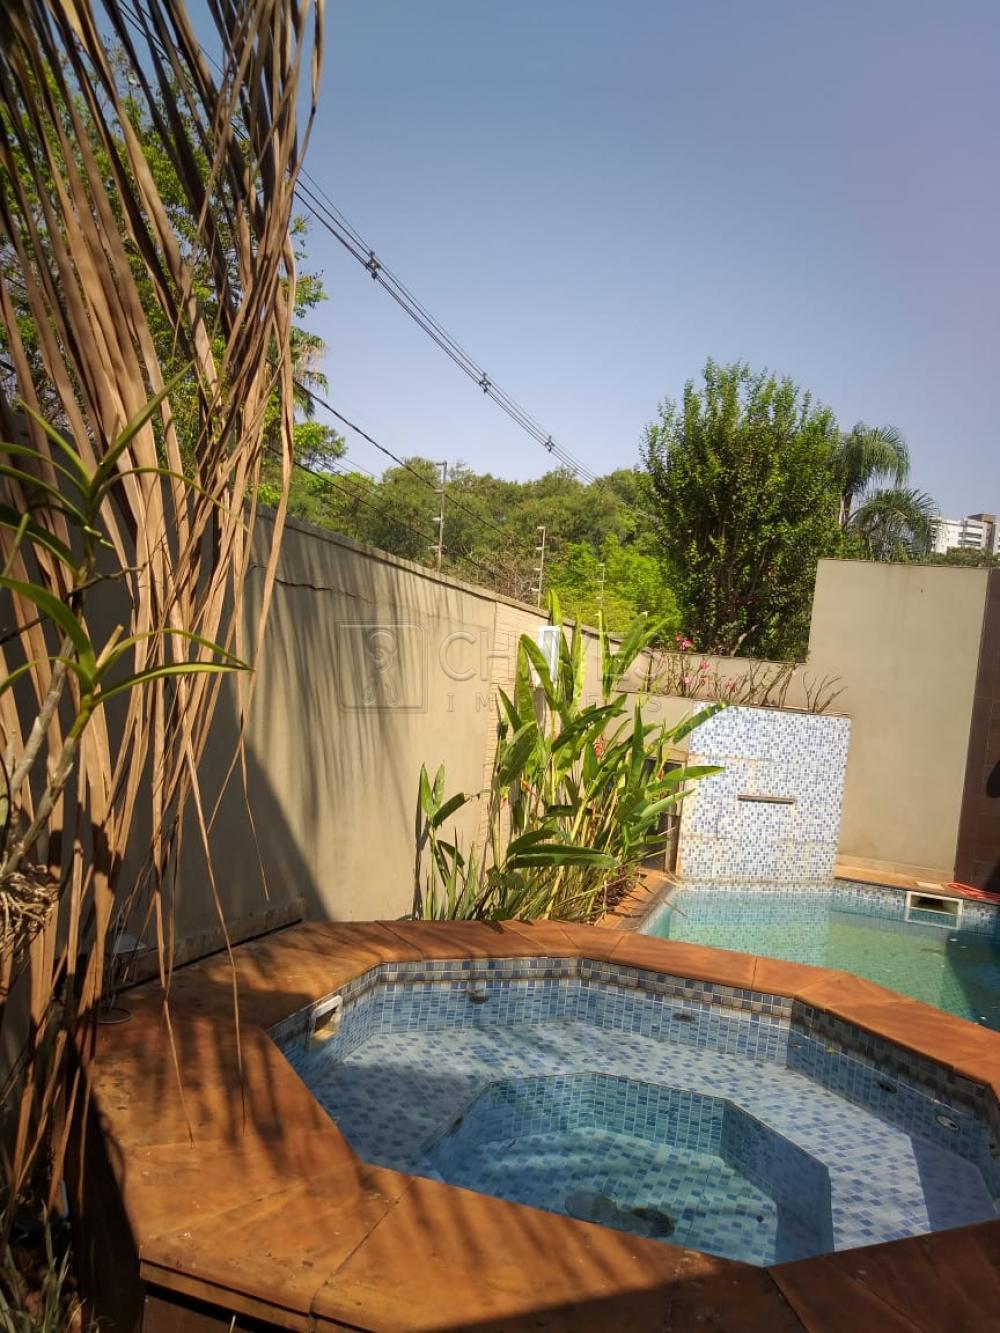 Comprar Casa / Condomínio em Ribeirão Preto R$ 1.400.000,00 - Foto 2